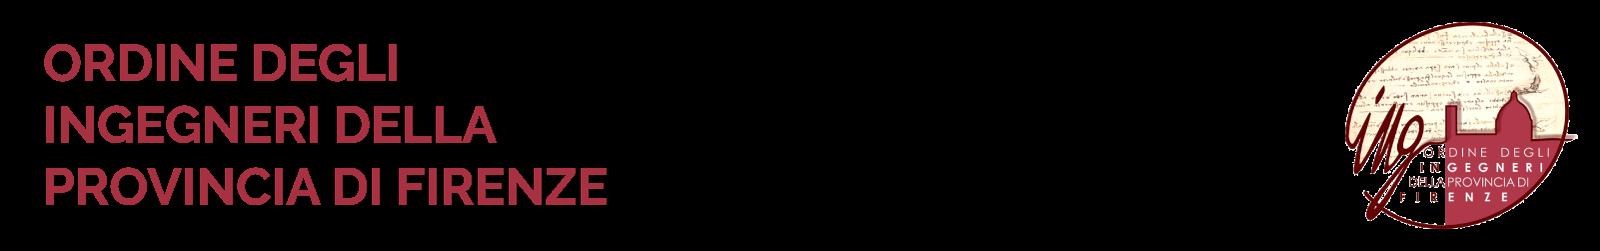 Ordine degli Ingegneri della Provincia di Firenze